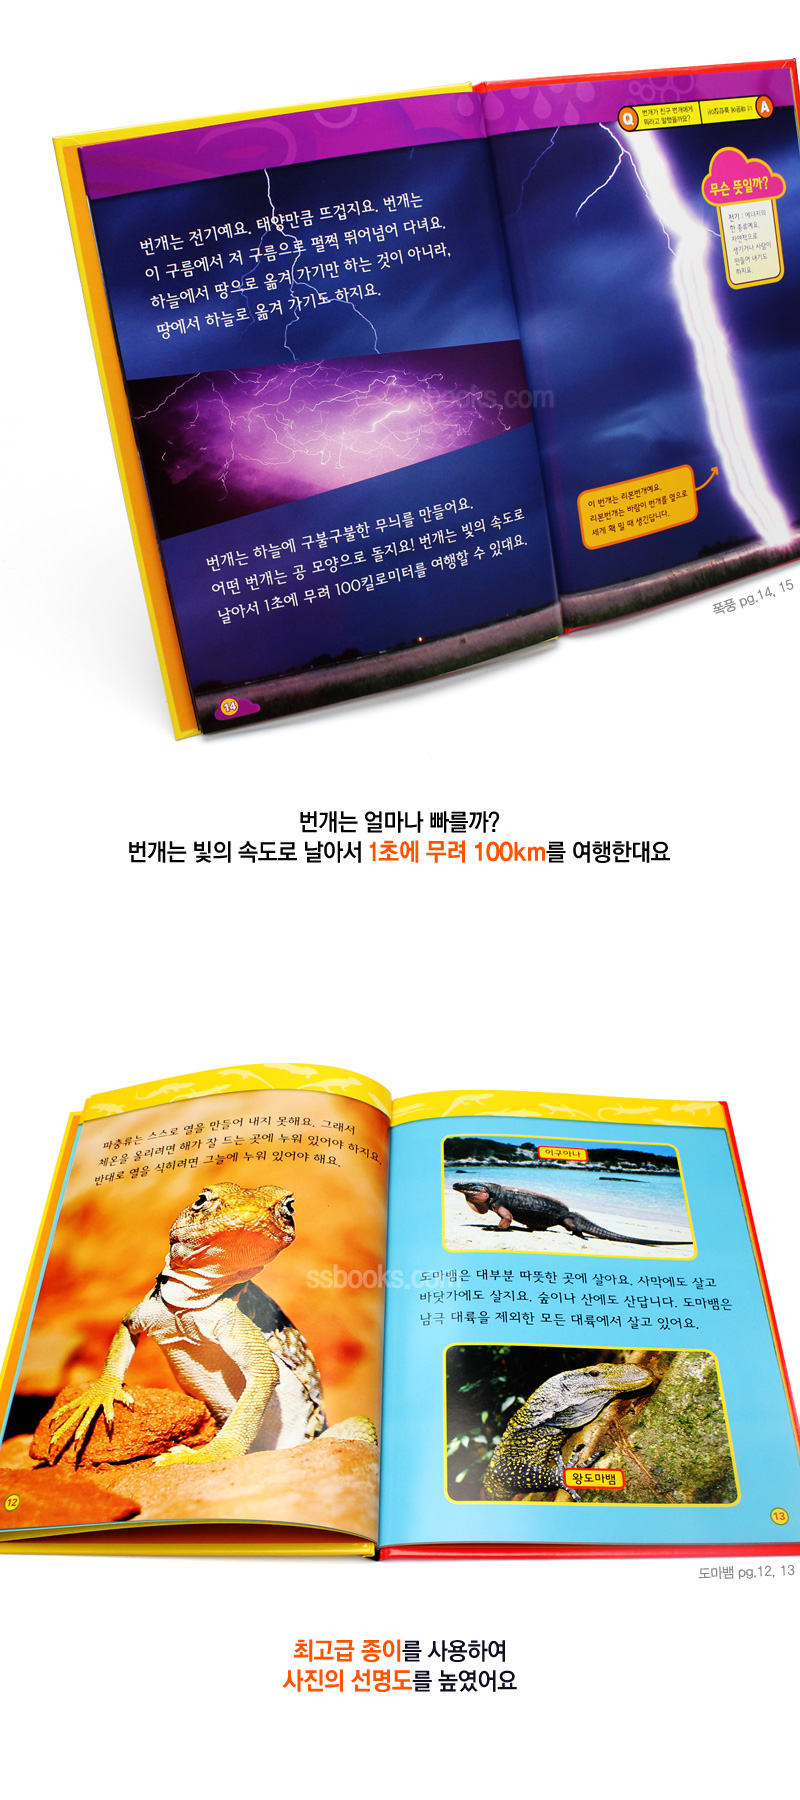 삼성출판사 NEW내셔널지오그래픽키즈30권+피규어세트(동물/공룡)